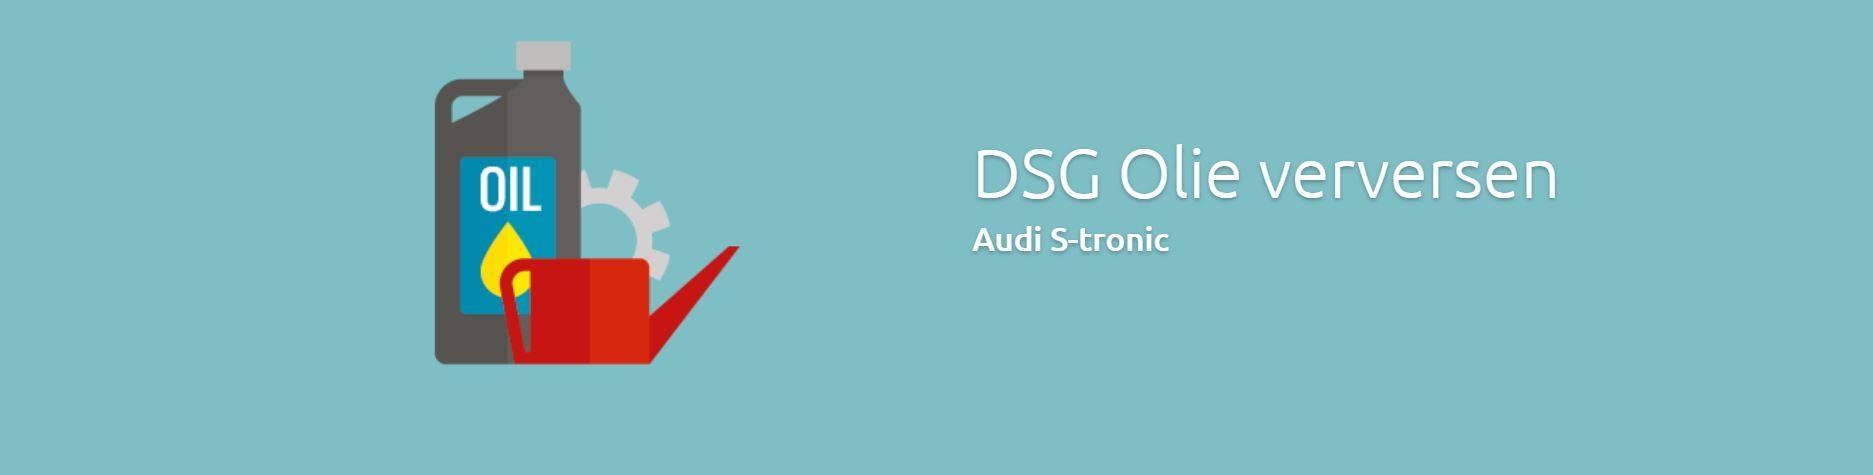 Audi DSG Olie Verversen Audi S-tronic Olie Vervangen bij schakel klachten DSG Service Dealers hebben zich daarnaast gespecialiseerd in onderhoud en reparatie